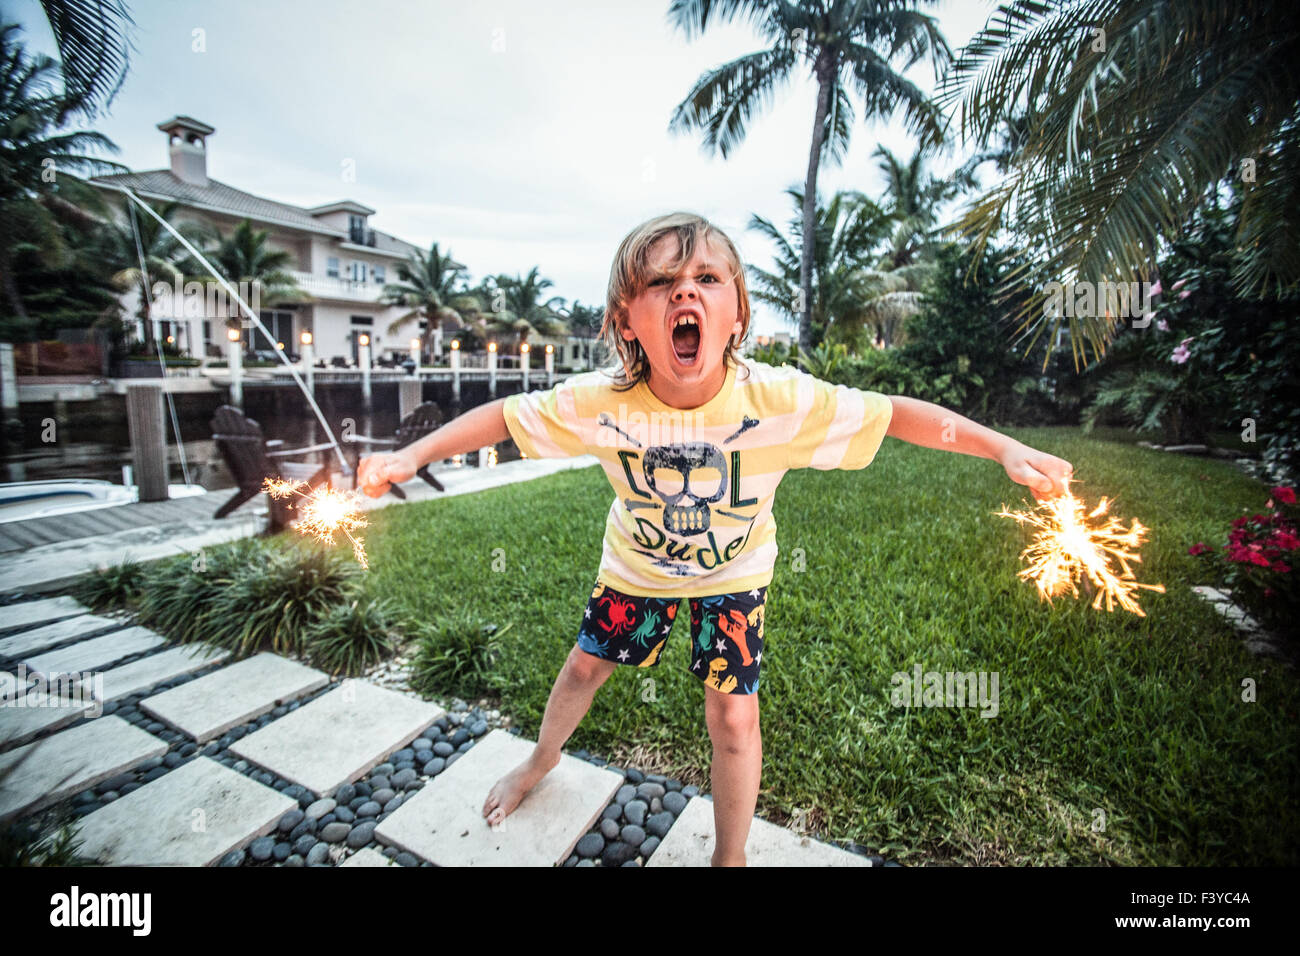 Ein kleiner Junge mit Wunderkerzen trägt eine coole dude-t-Shirt. Stockfoto